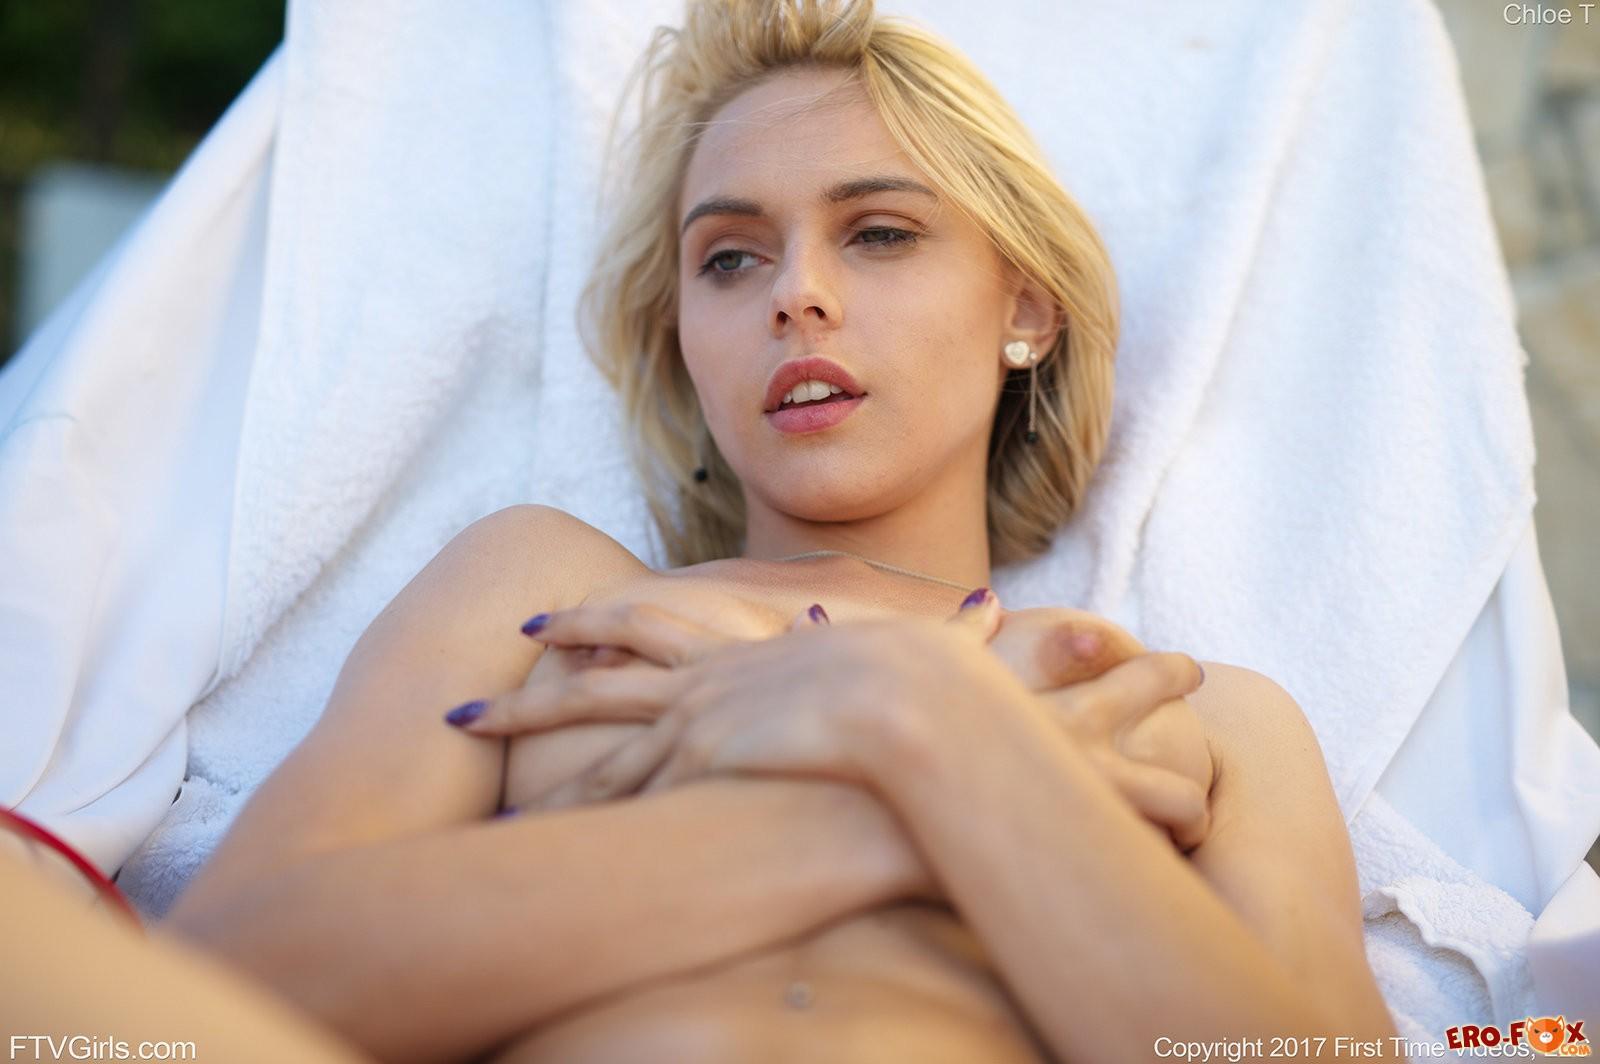 Сексуальная девушка в бикини загорает топлес .